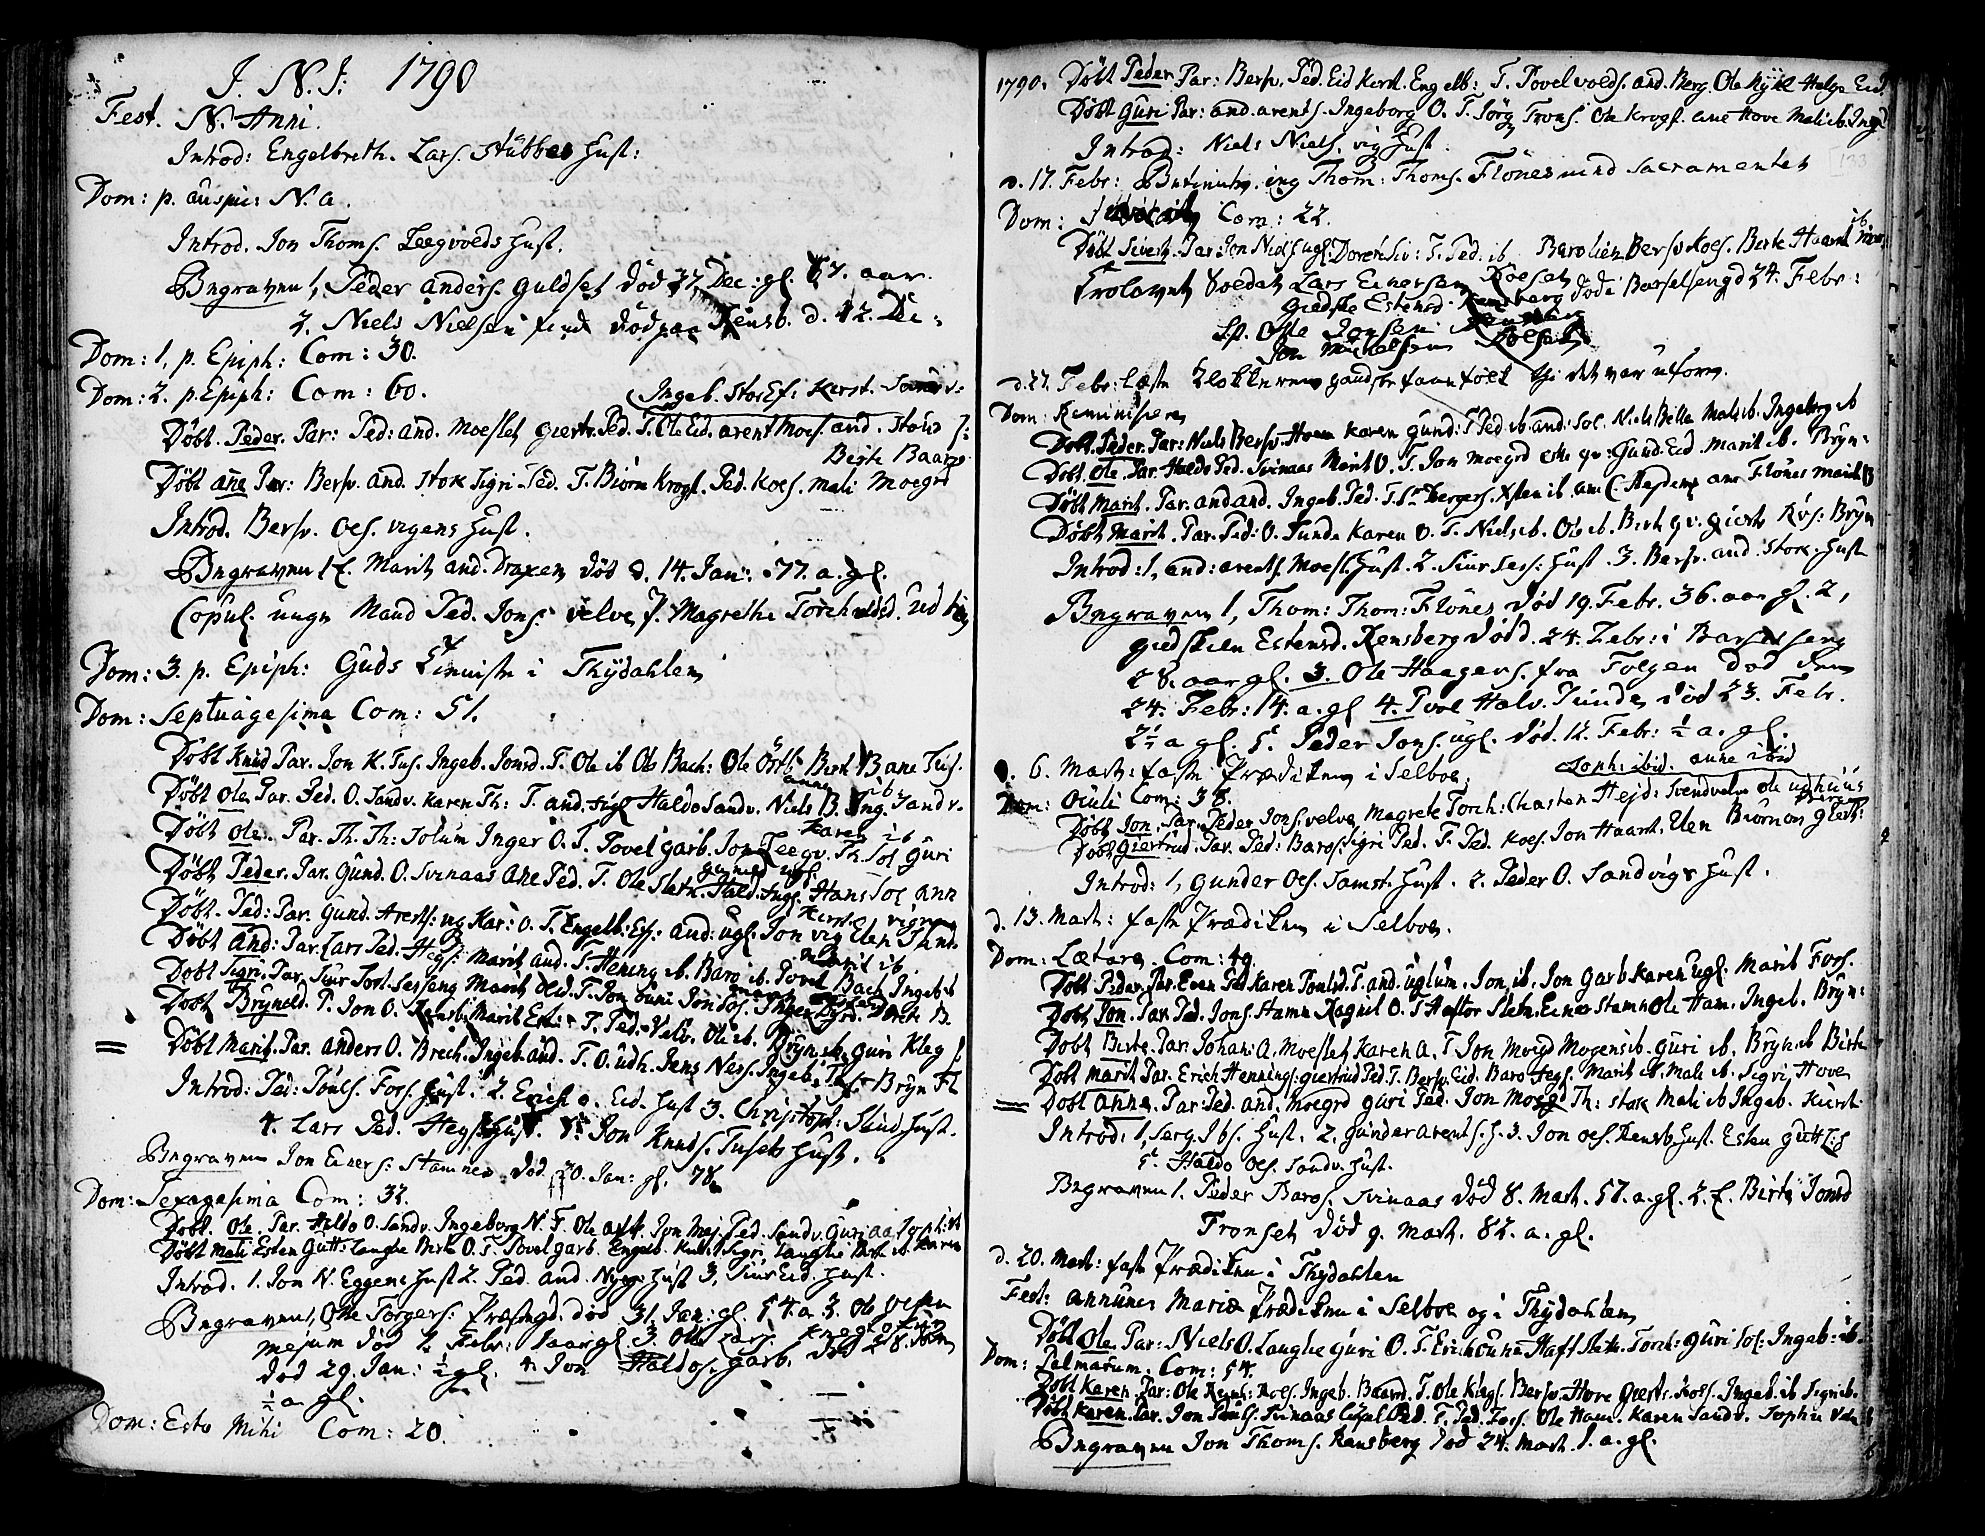 SAT, Ministerialprotokoller, klokkerbøker og fødselsregistre - Sør-Trøndelag, 695/L1138: Ministerialbok nr. 695A02 /1, 1757-1801, s. 133